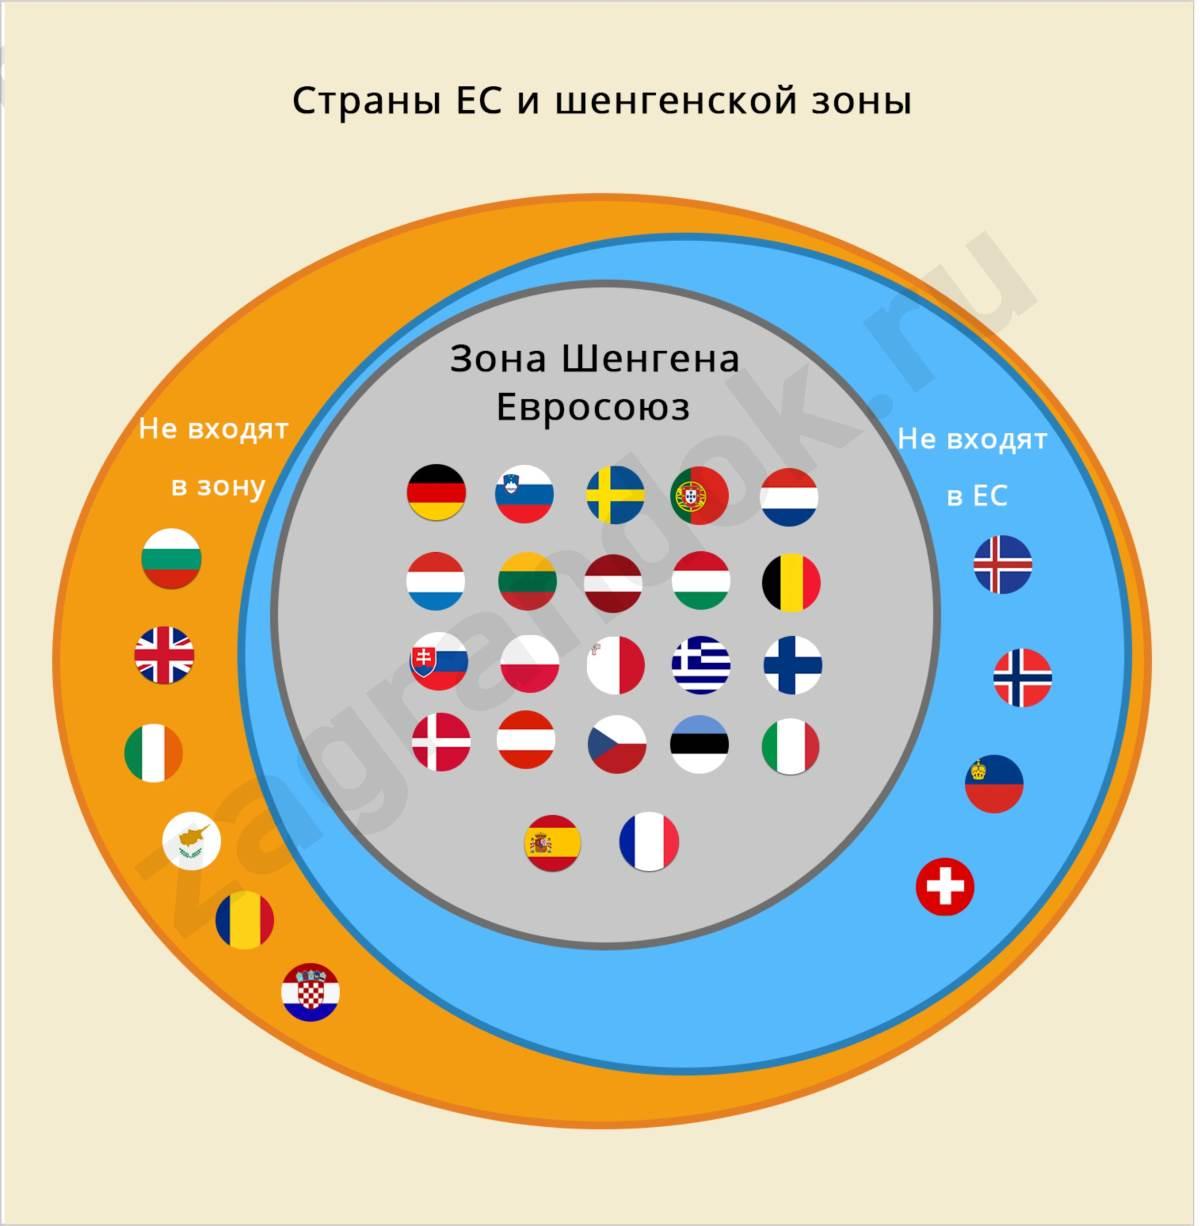 Страны ЕС и шенгенской зоны